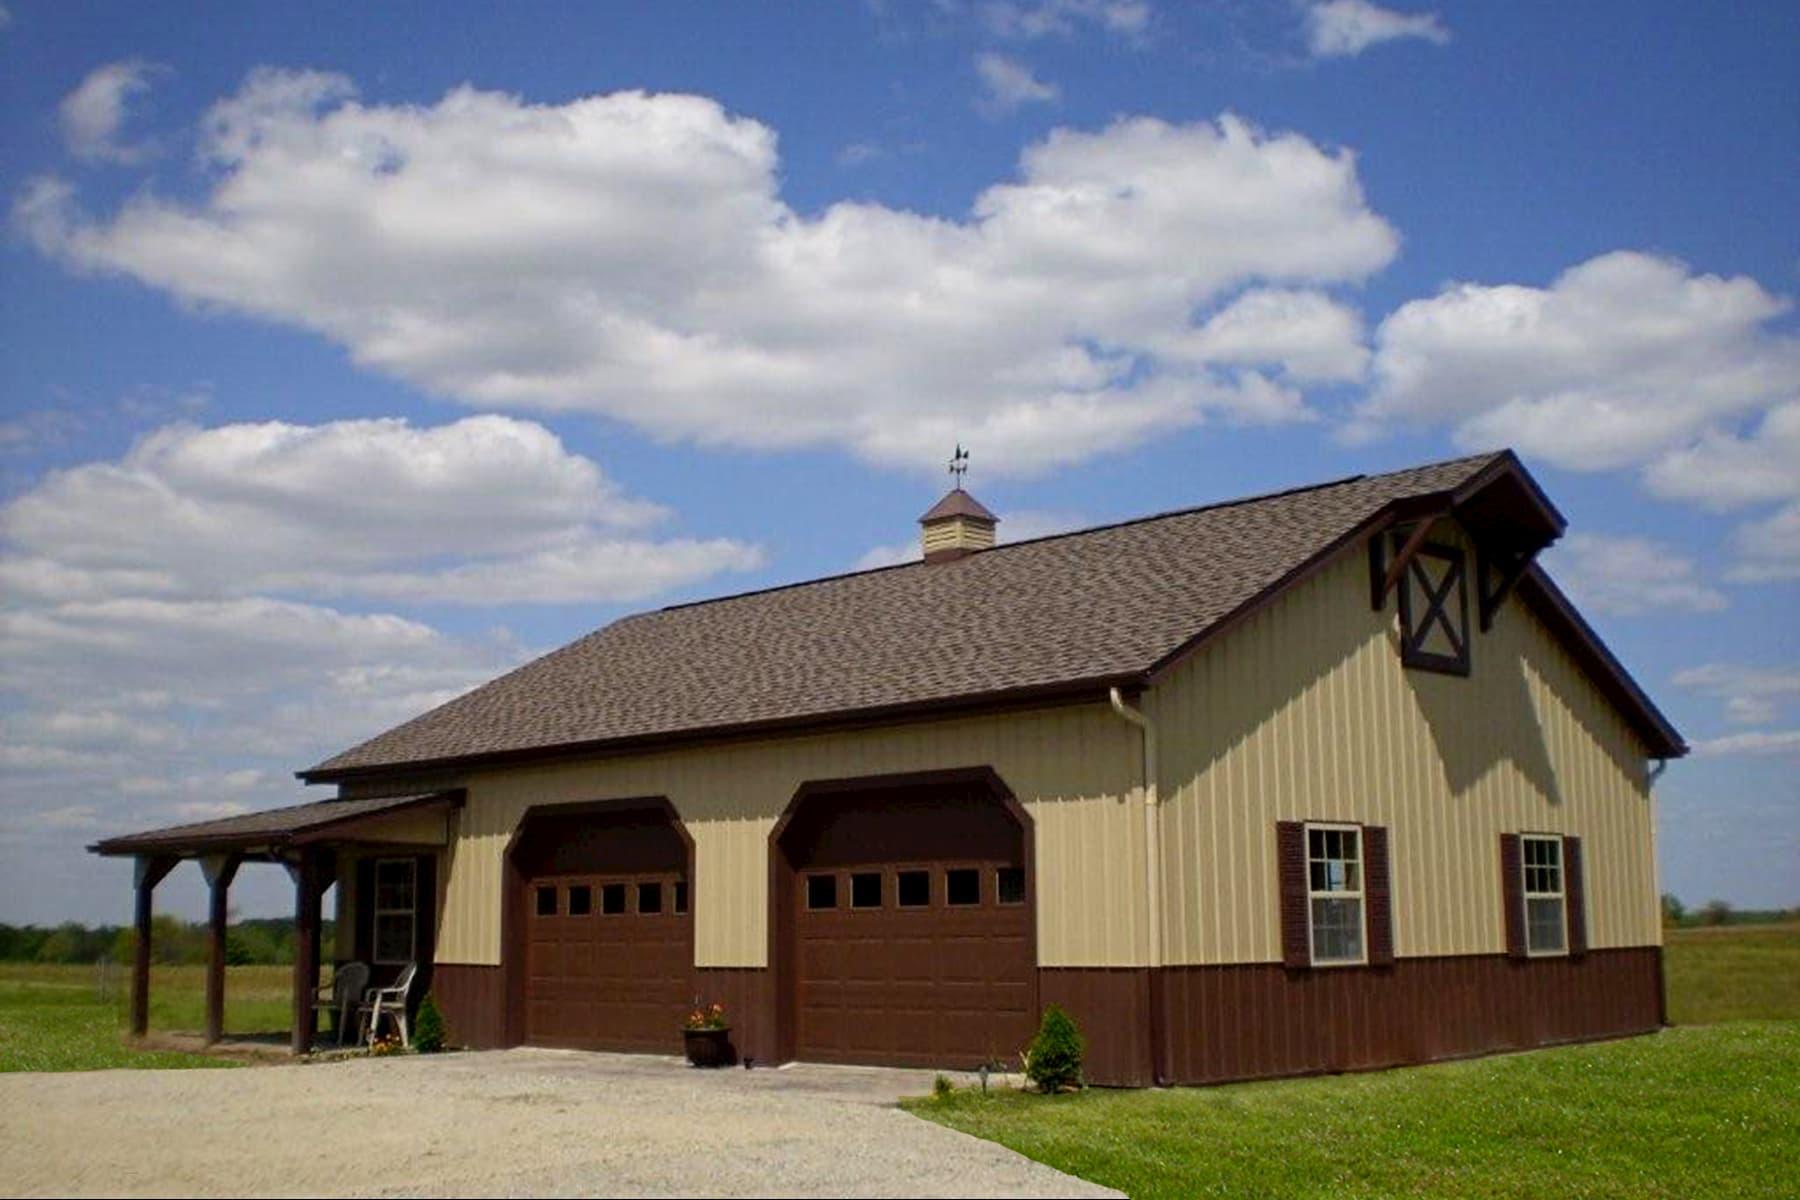 Northern Indiana Garage Builder